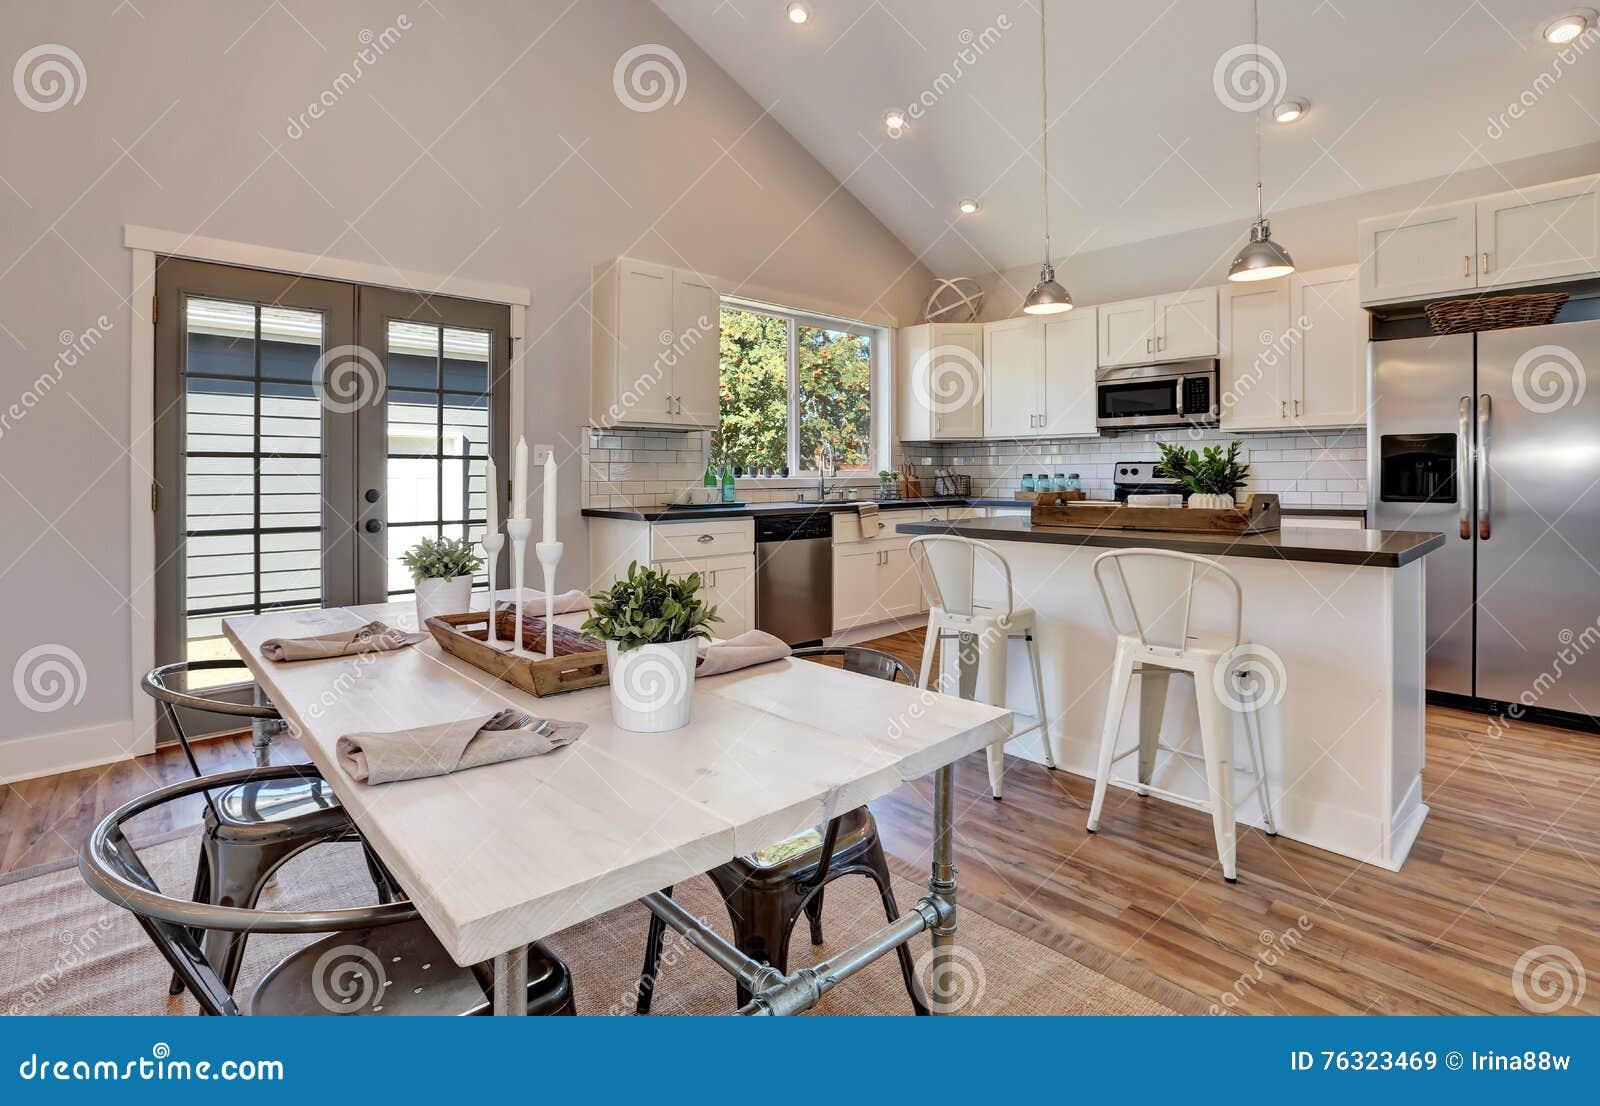 Beste Beleuchtung Für Gewölbte Küche Decke Bilder - Küche Set Ideen ...